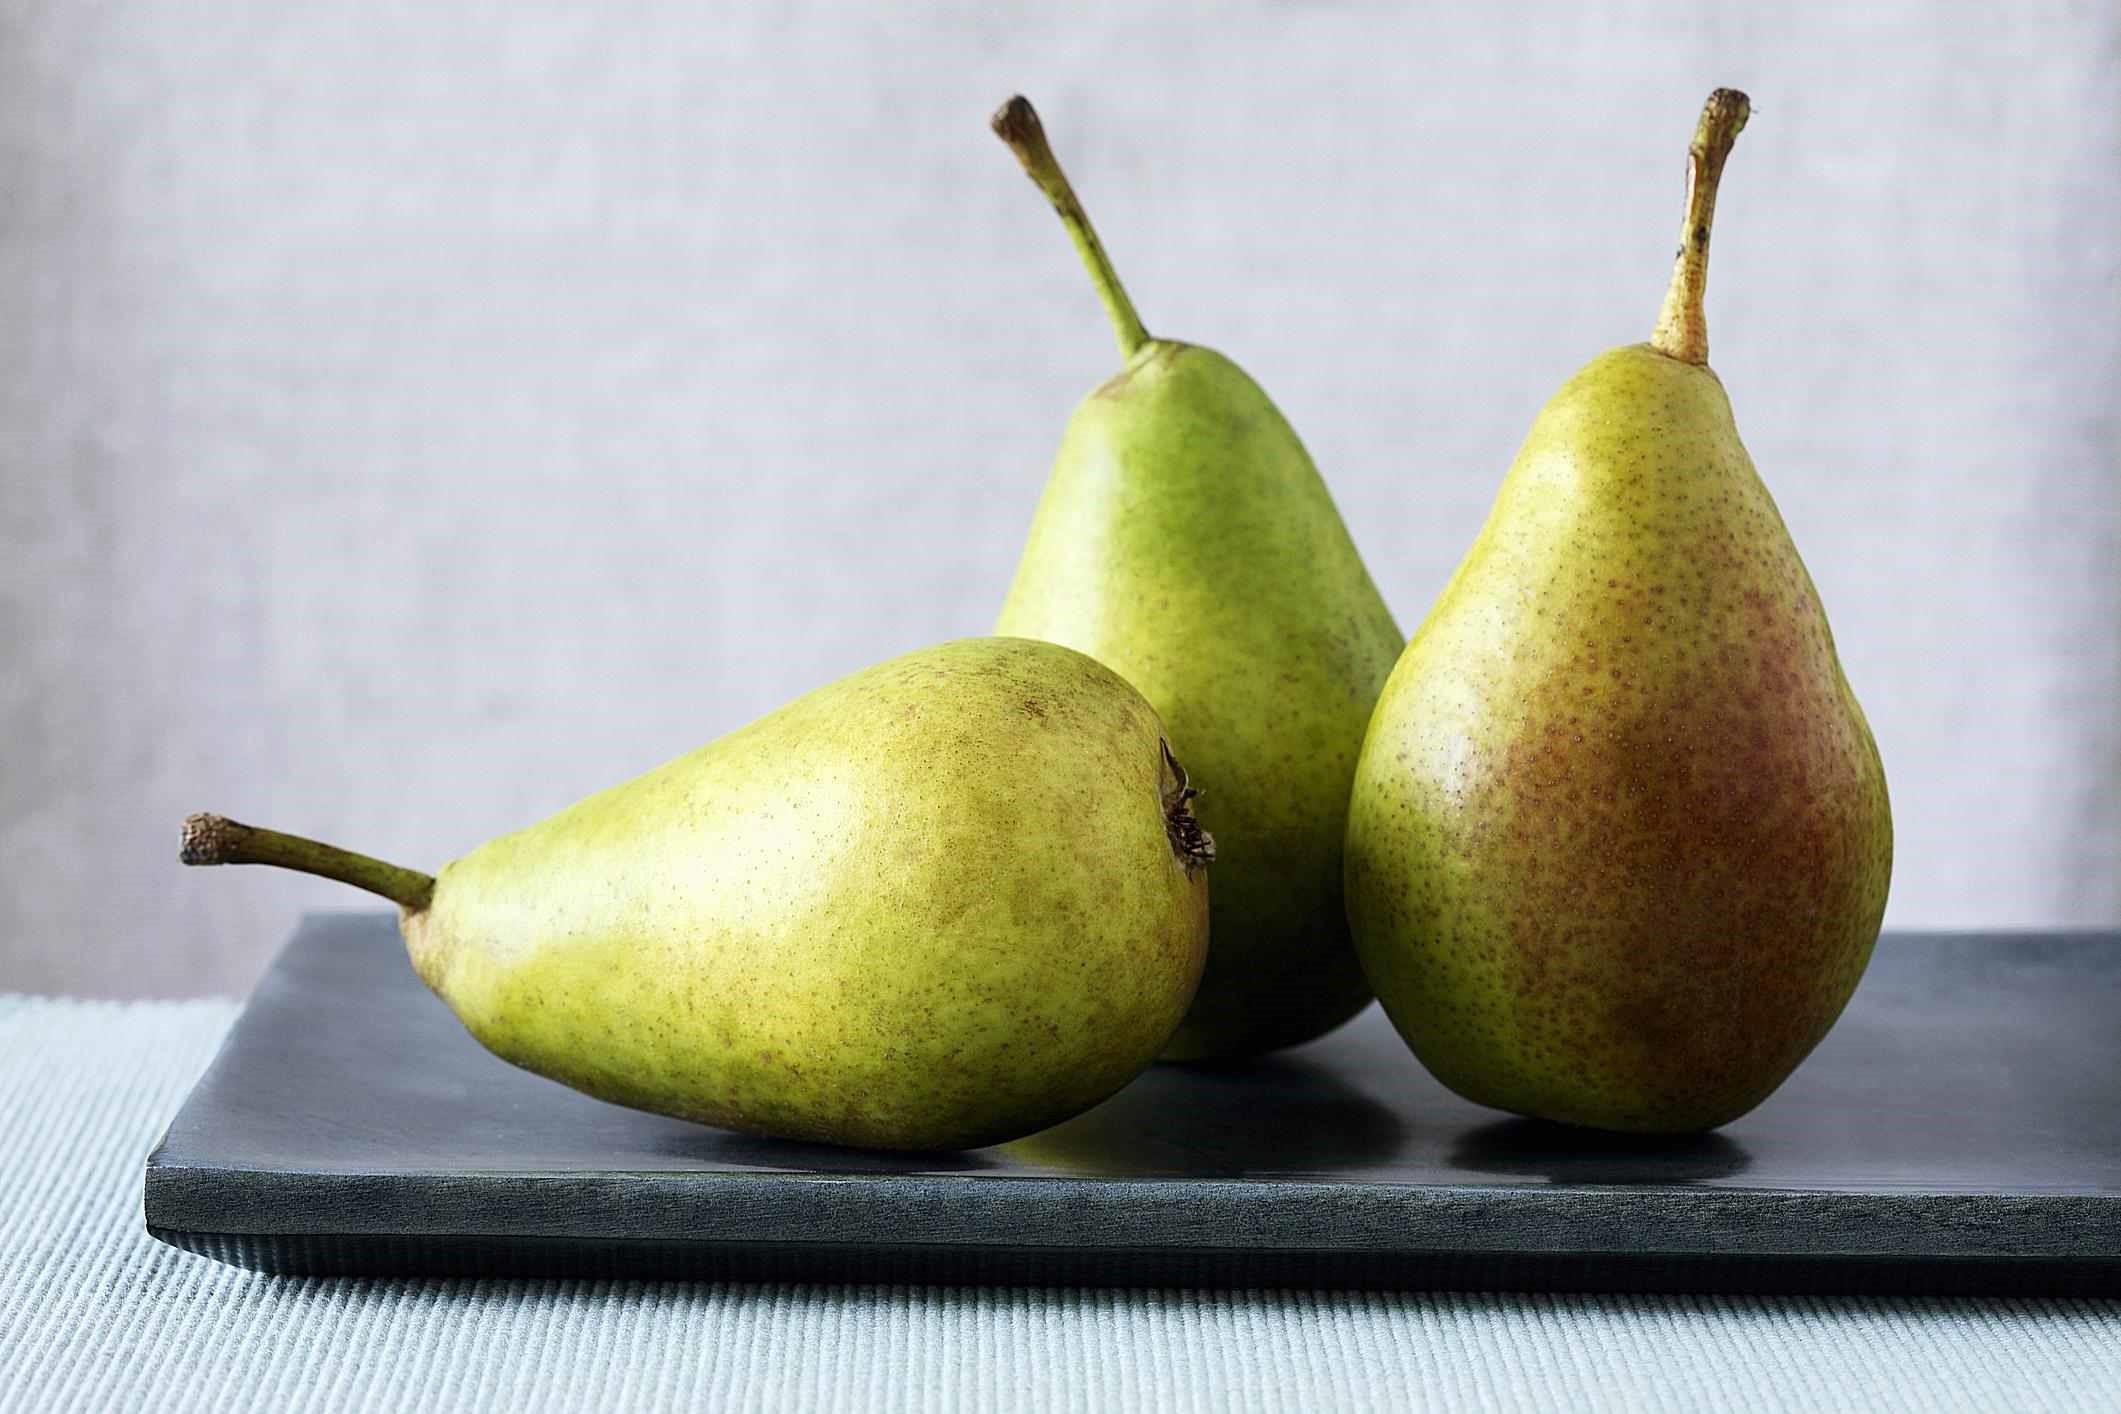 میوه گلابی منبع عالی فیبر